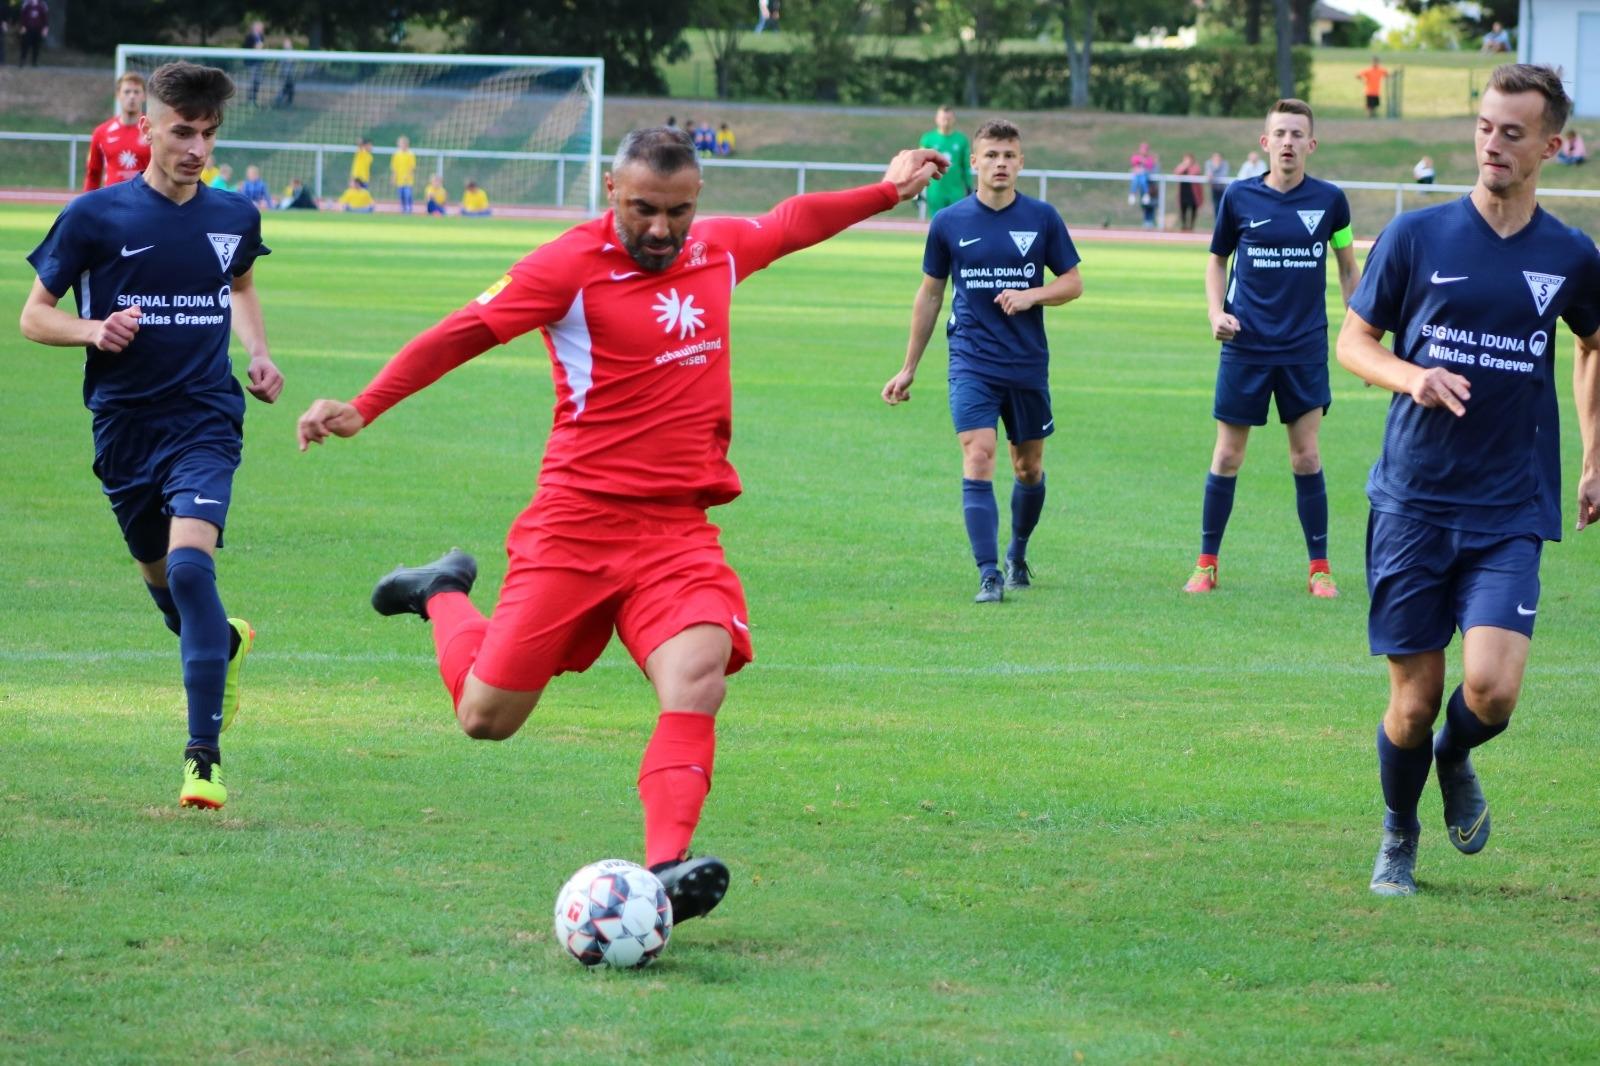 Löwen gewinnen Pokalspiel beim Kasseler SV